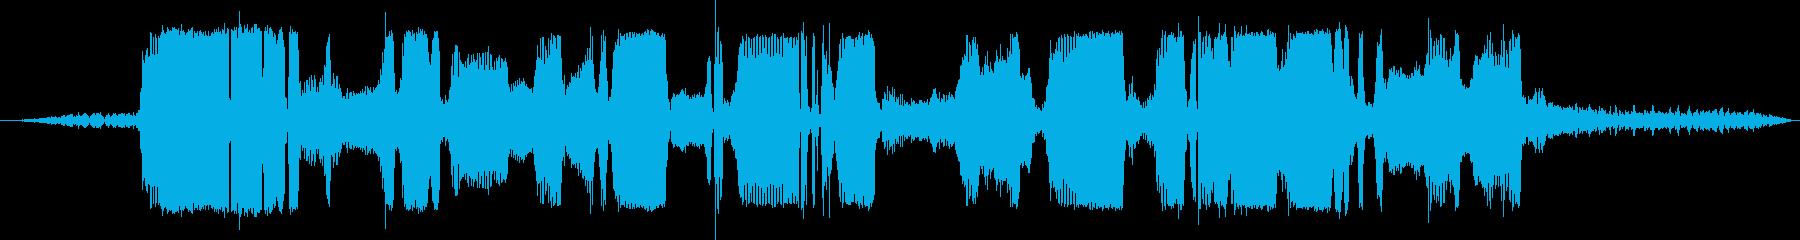 モンスタートラック:Ext:オンボ...の再生済みの波形